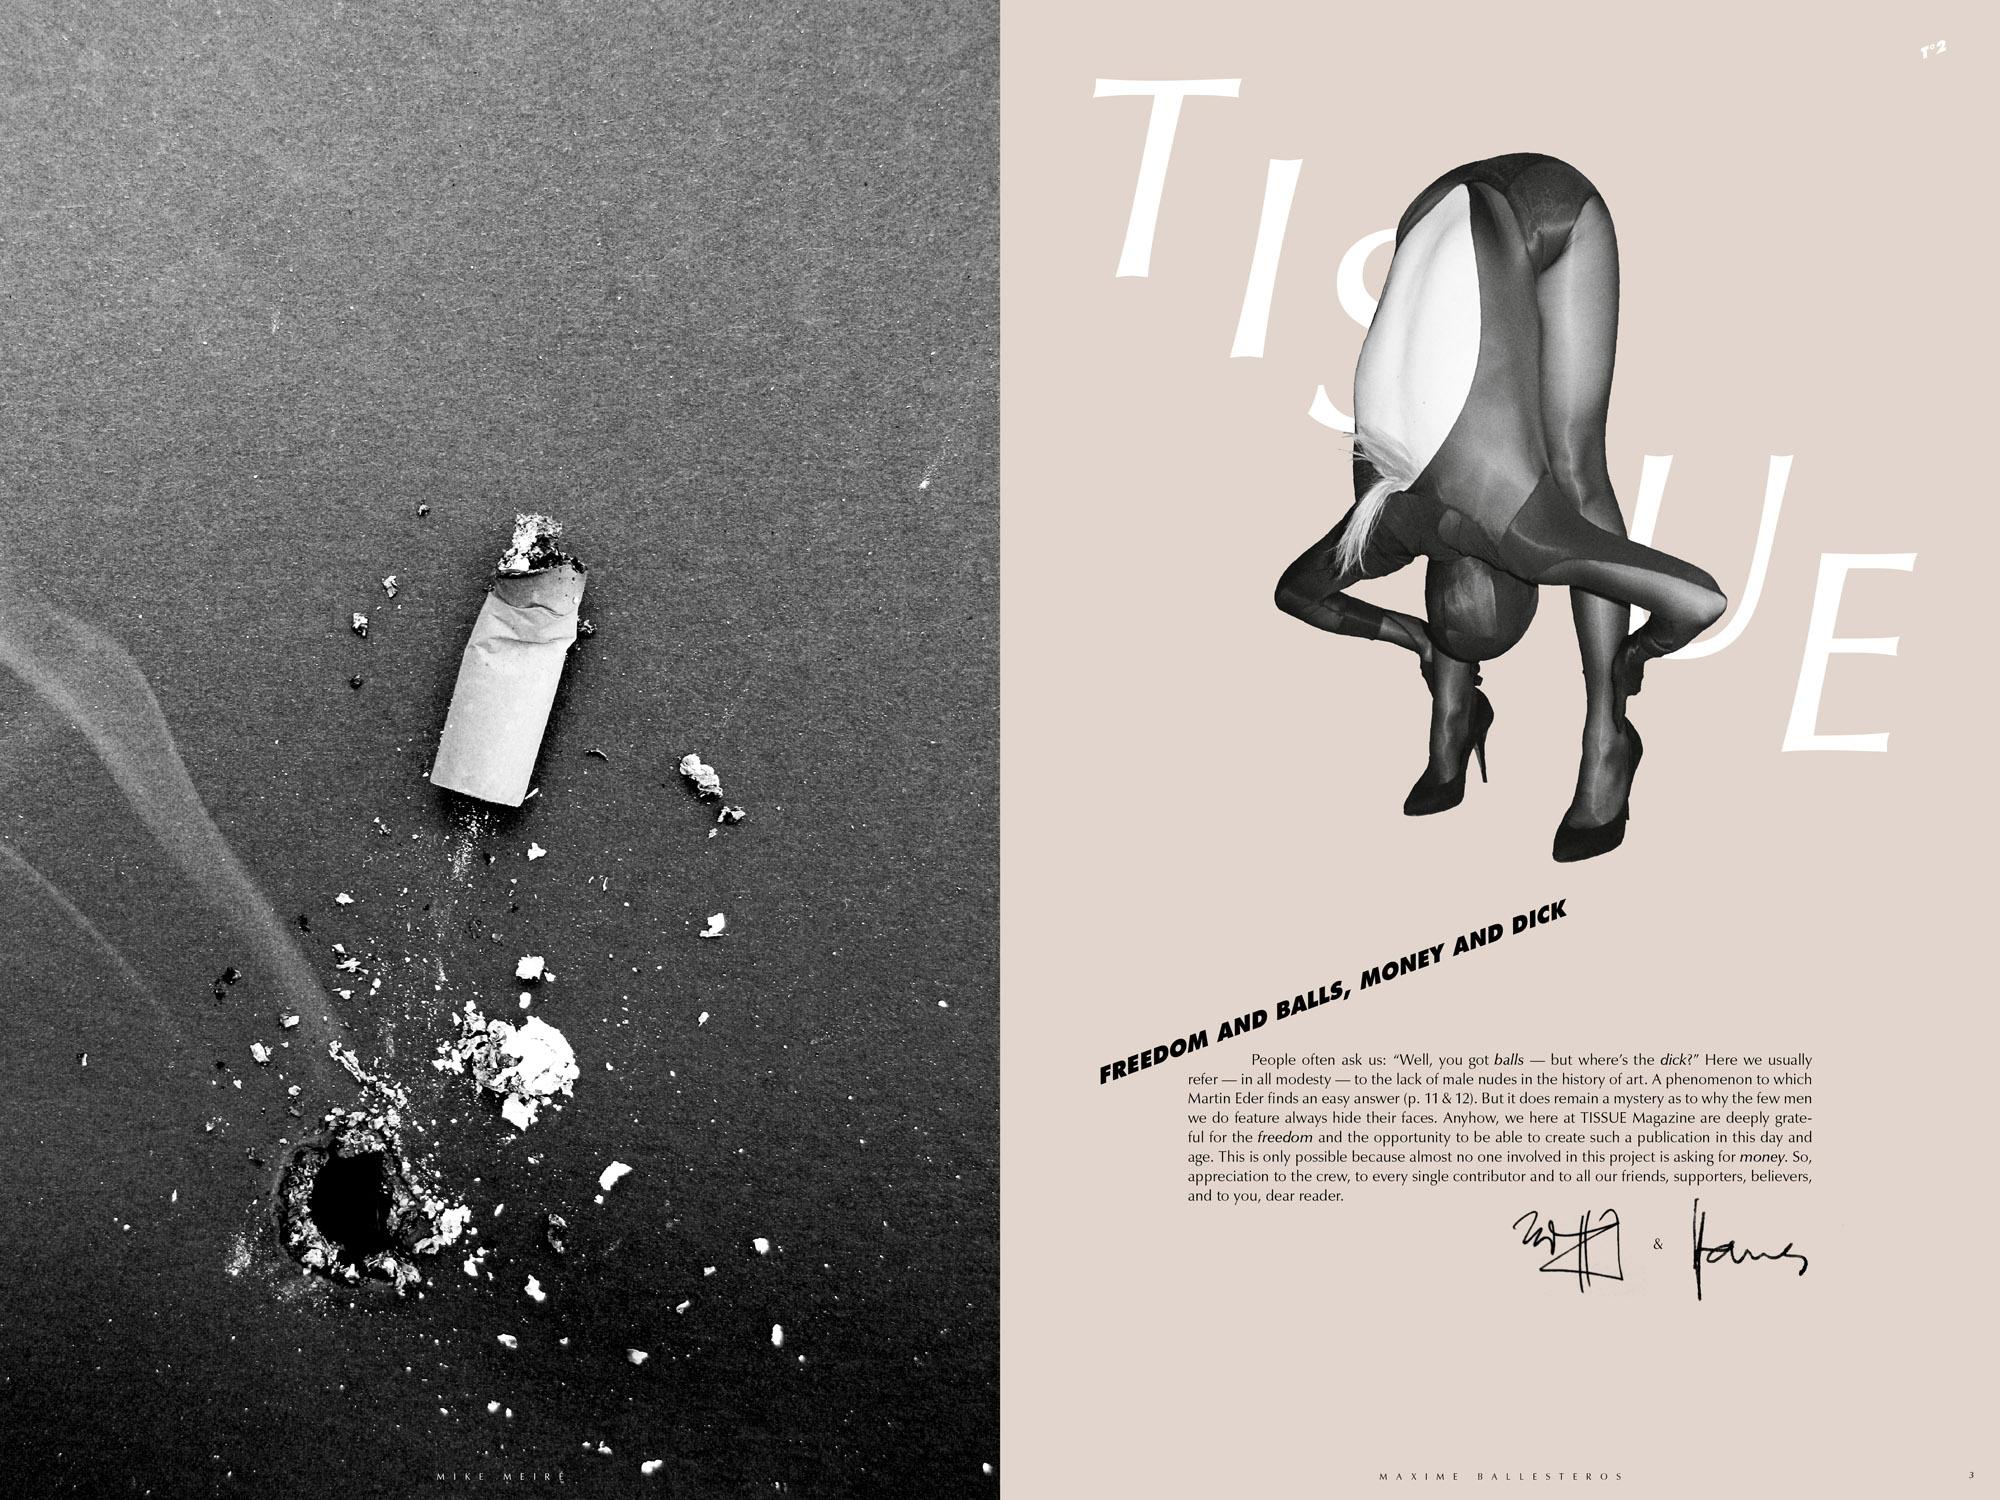 01_TISSUE-Magazine_N__2_2